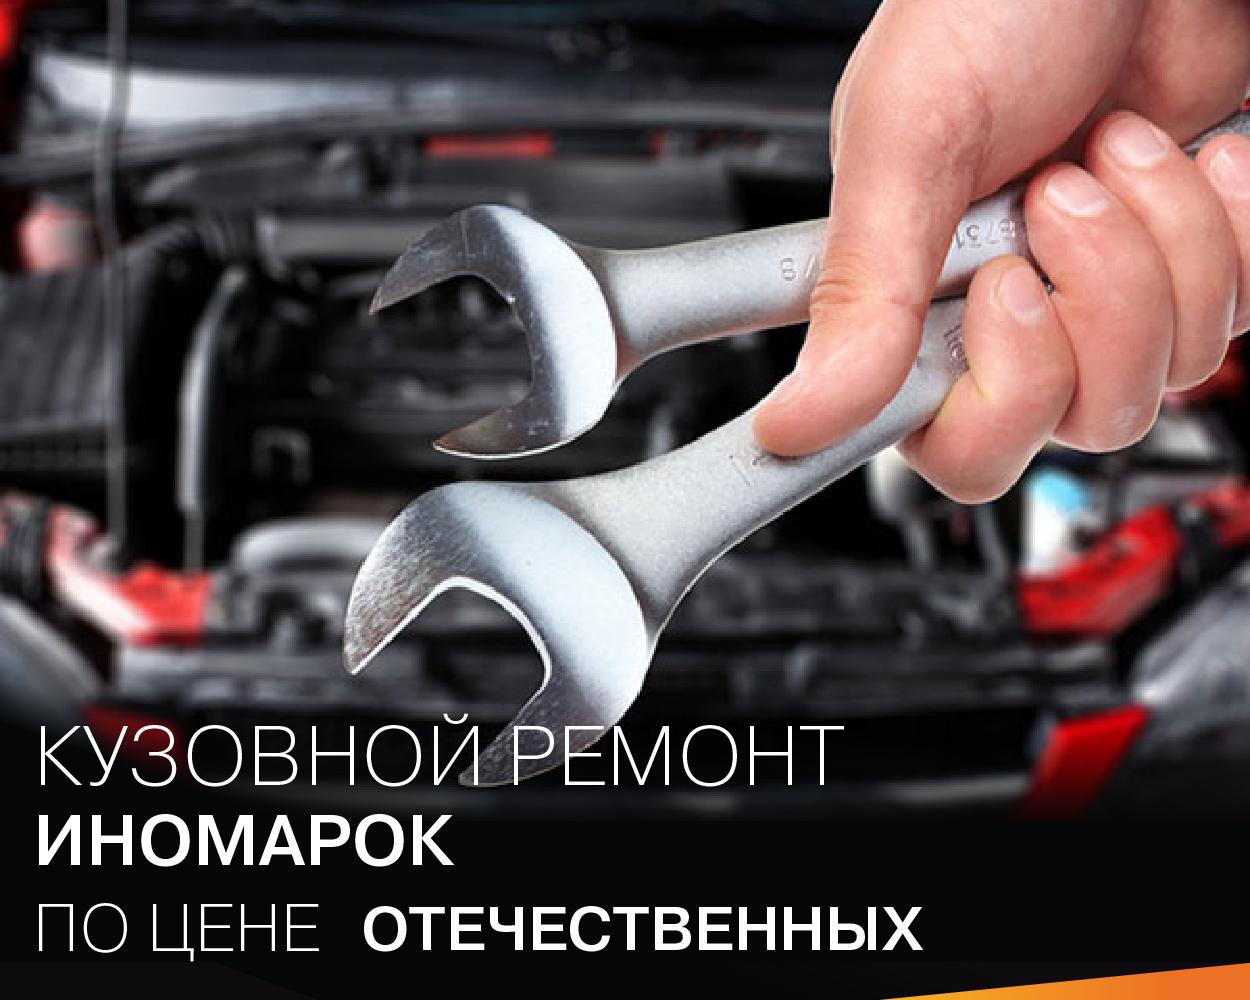 Кузовной ремонт иномарок  по цене отечественных